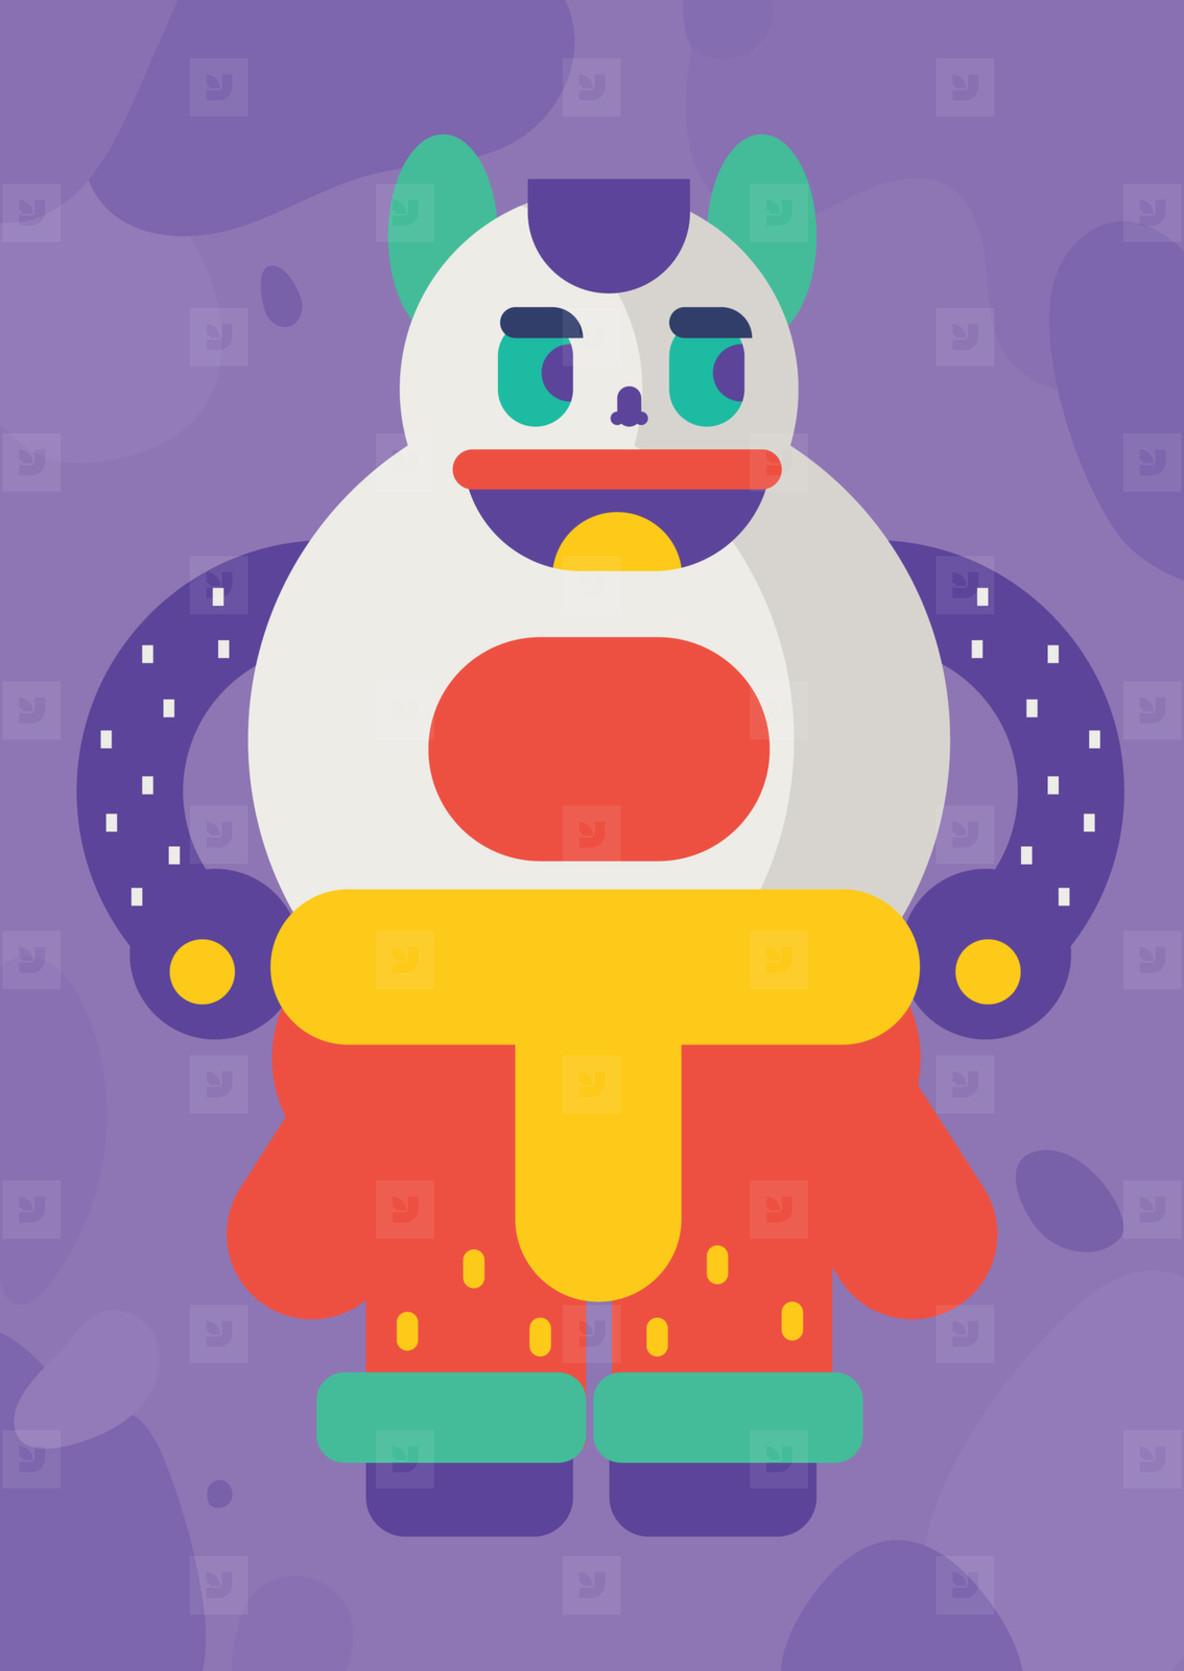 Robot Monster Creatures 23